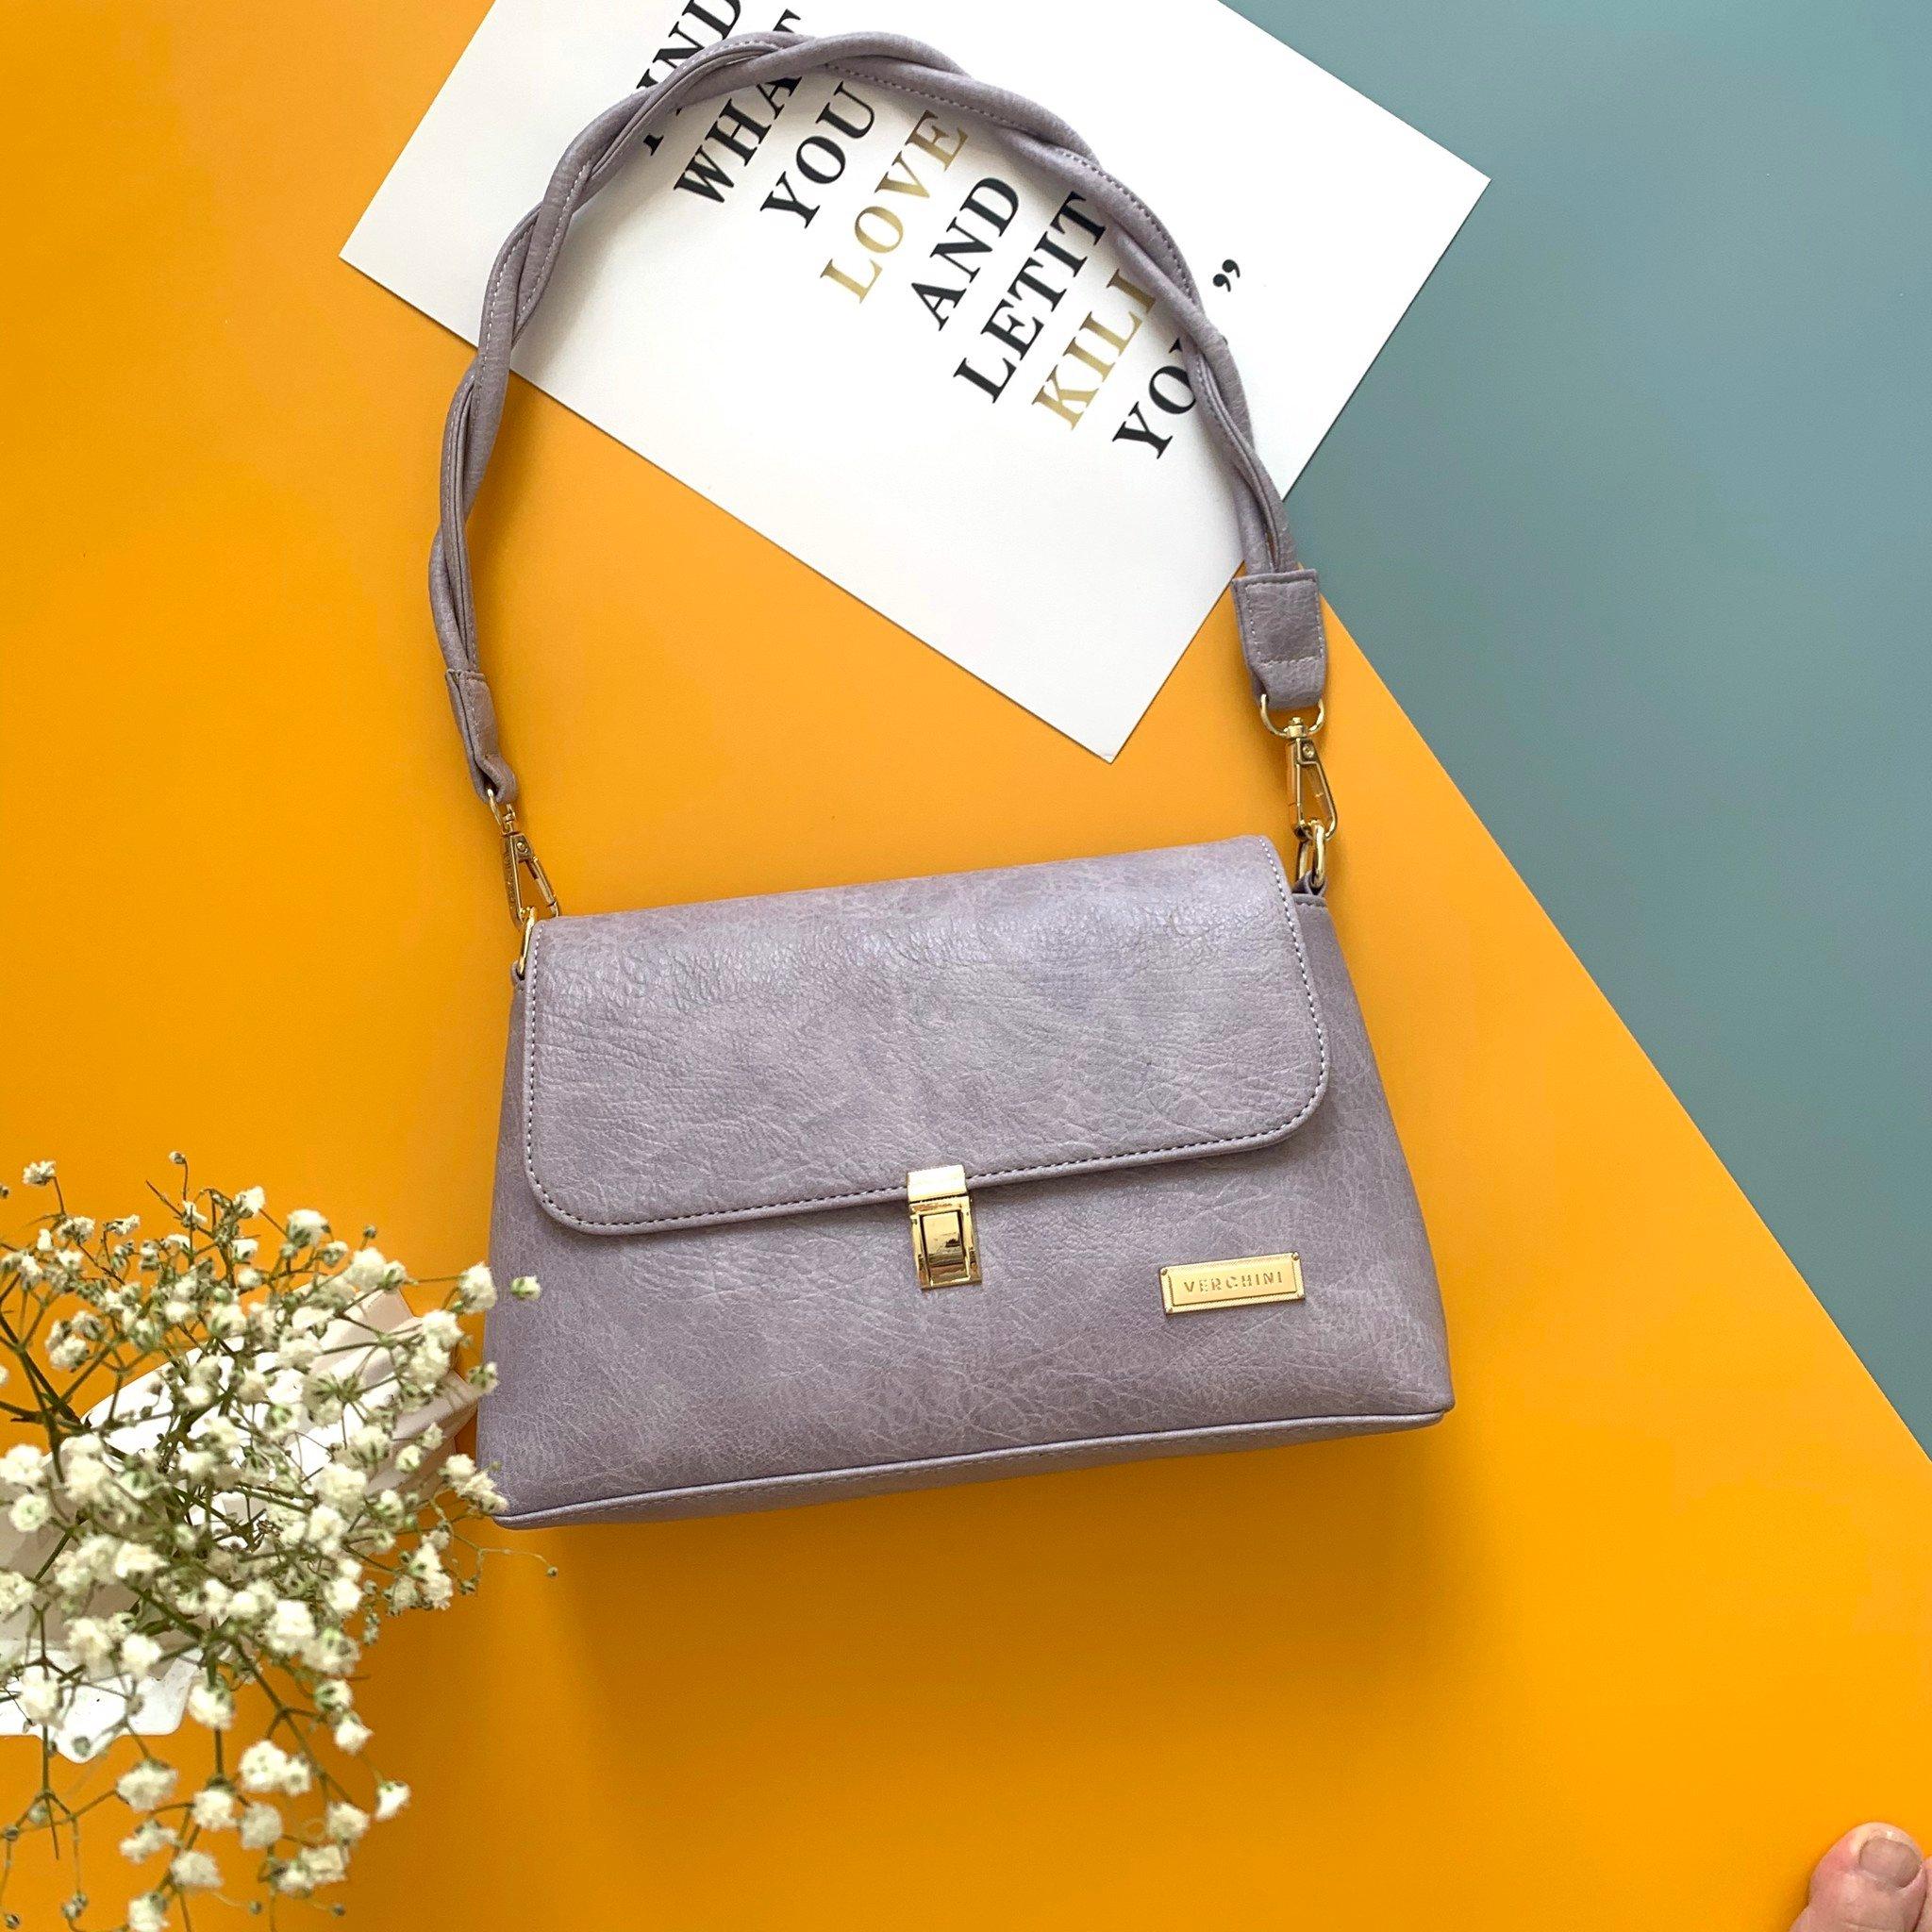 Túi xách thời trang Verchini quai bính phối khóa chữ nhật